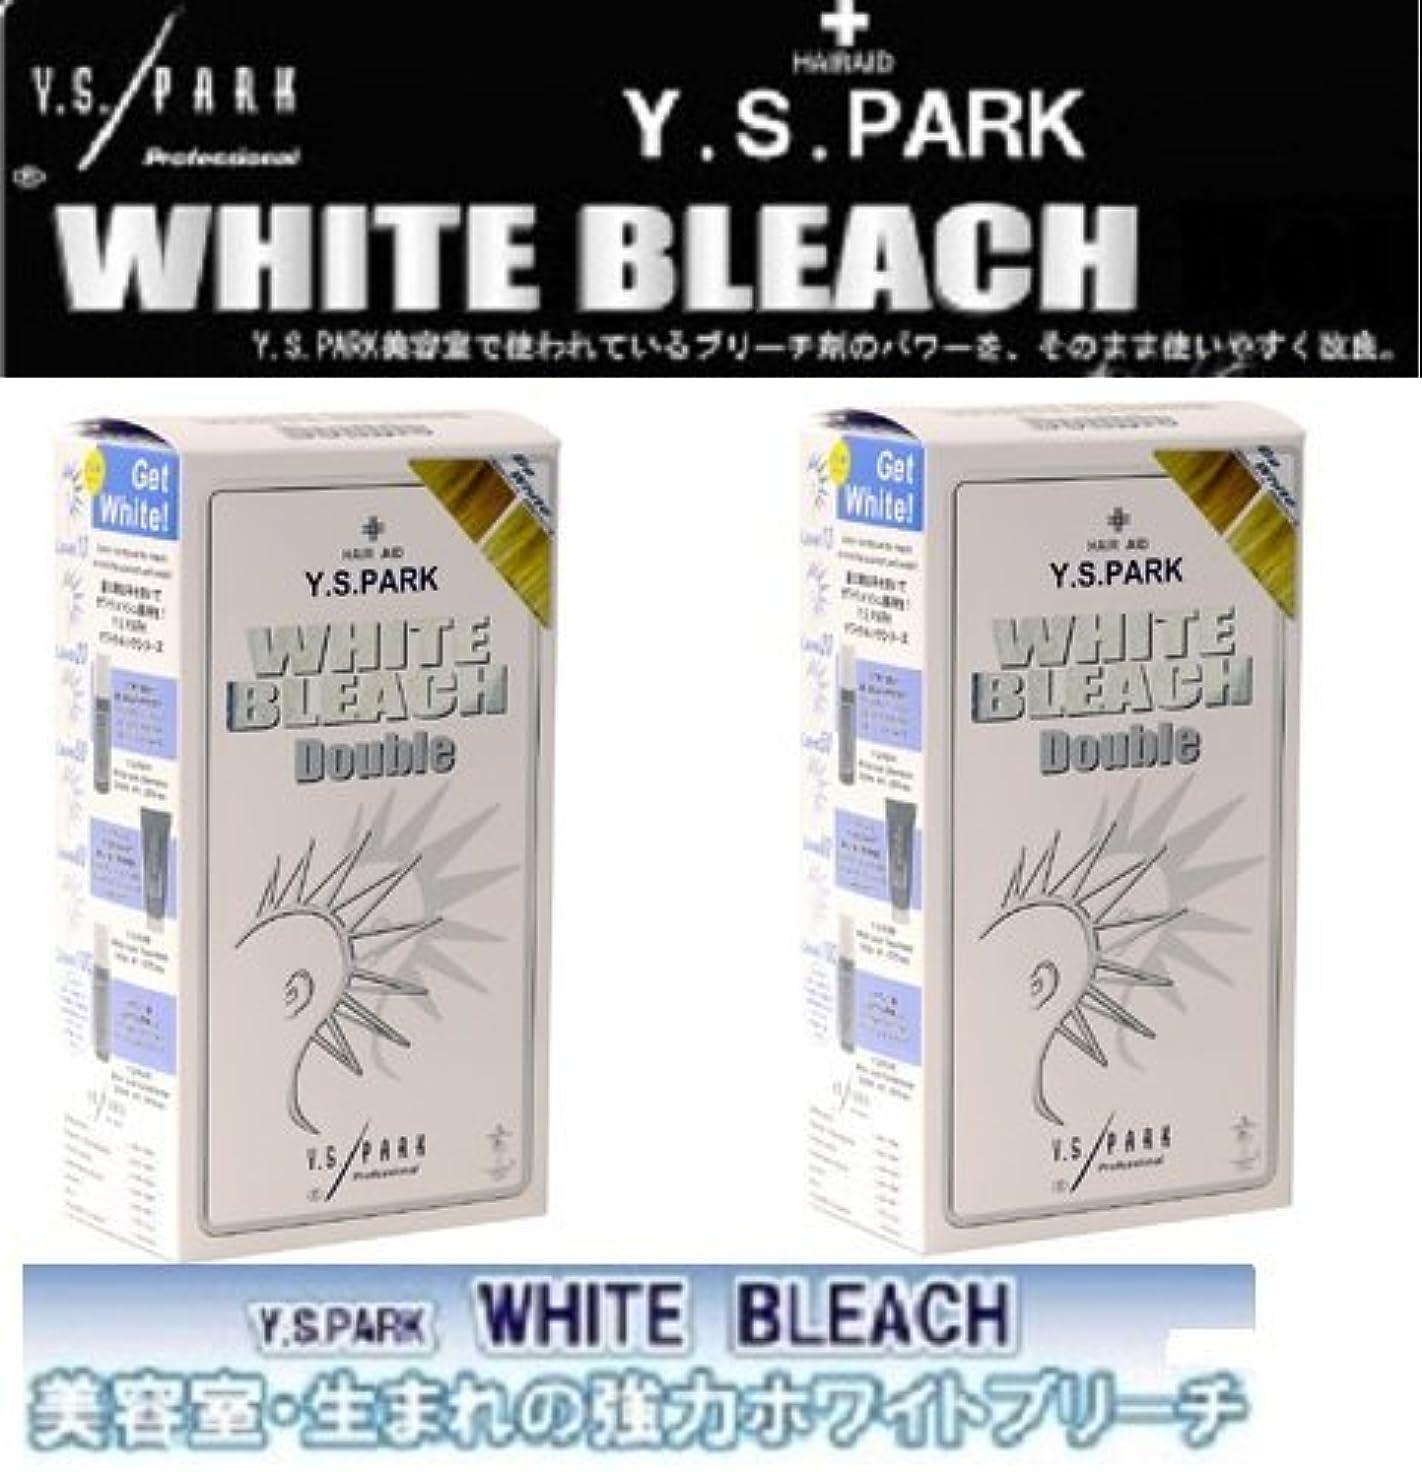 上に見ました仲間Y.S.パーク ホワイトブリーチ ダブル60g(お得な2個組)美容室生まれの強力ホワイトブリーチ?強力ホワイトブリーチに大容量サイズが登場!